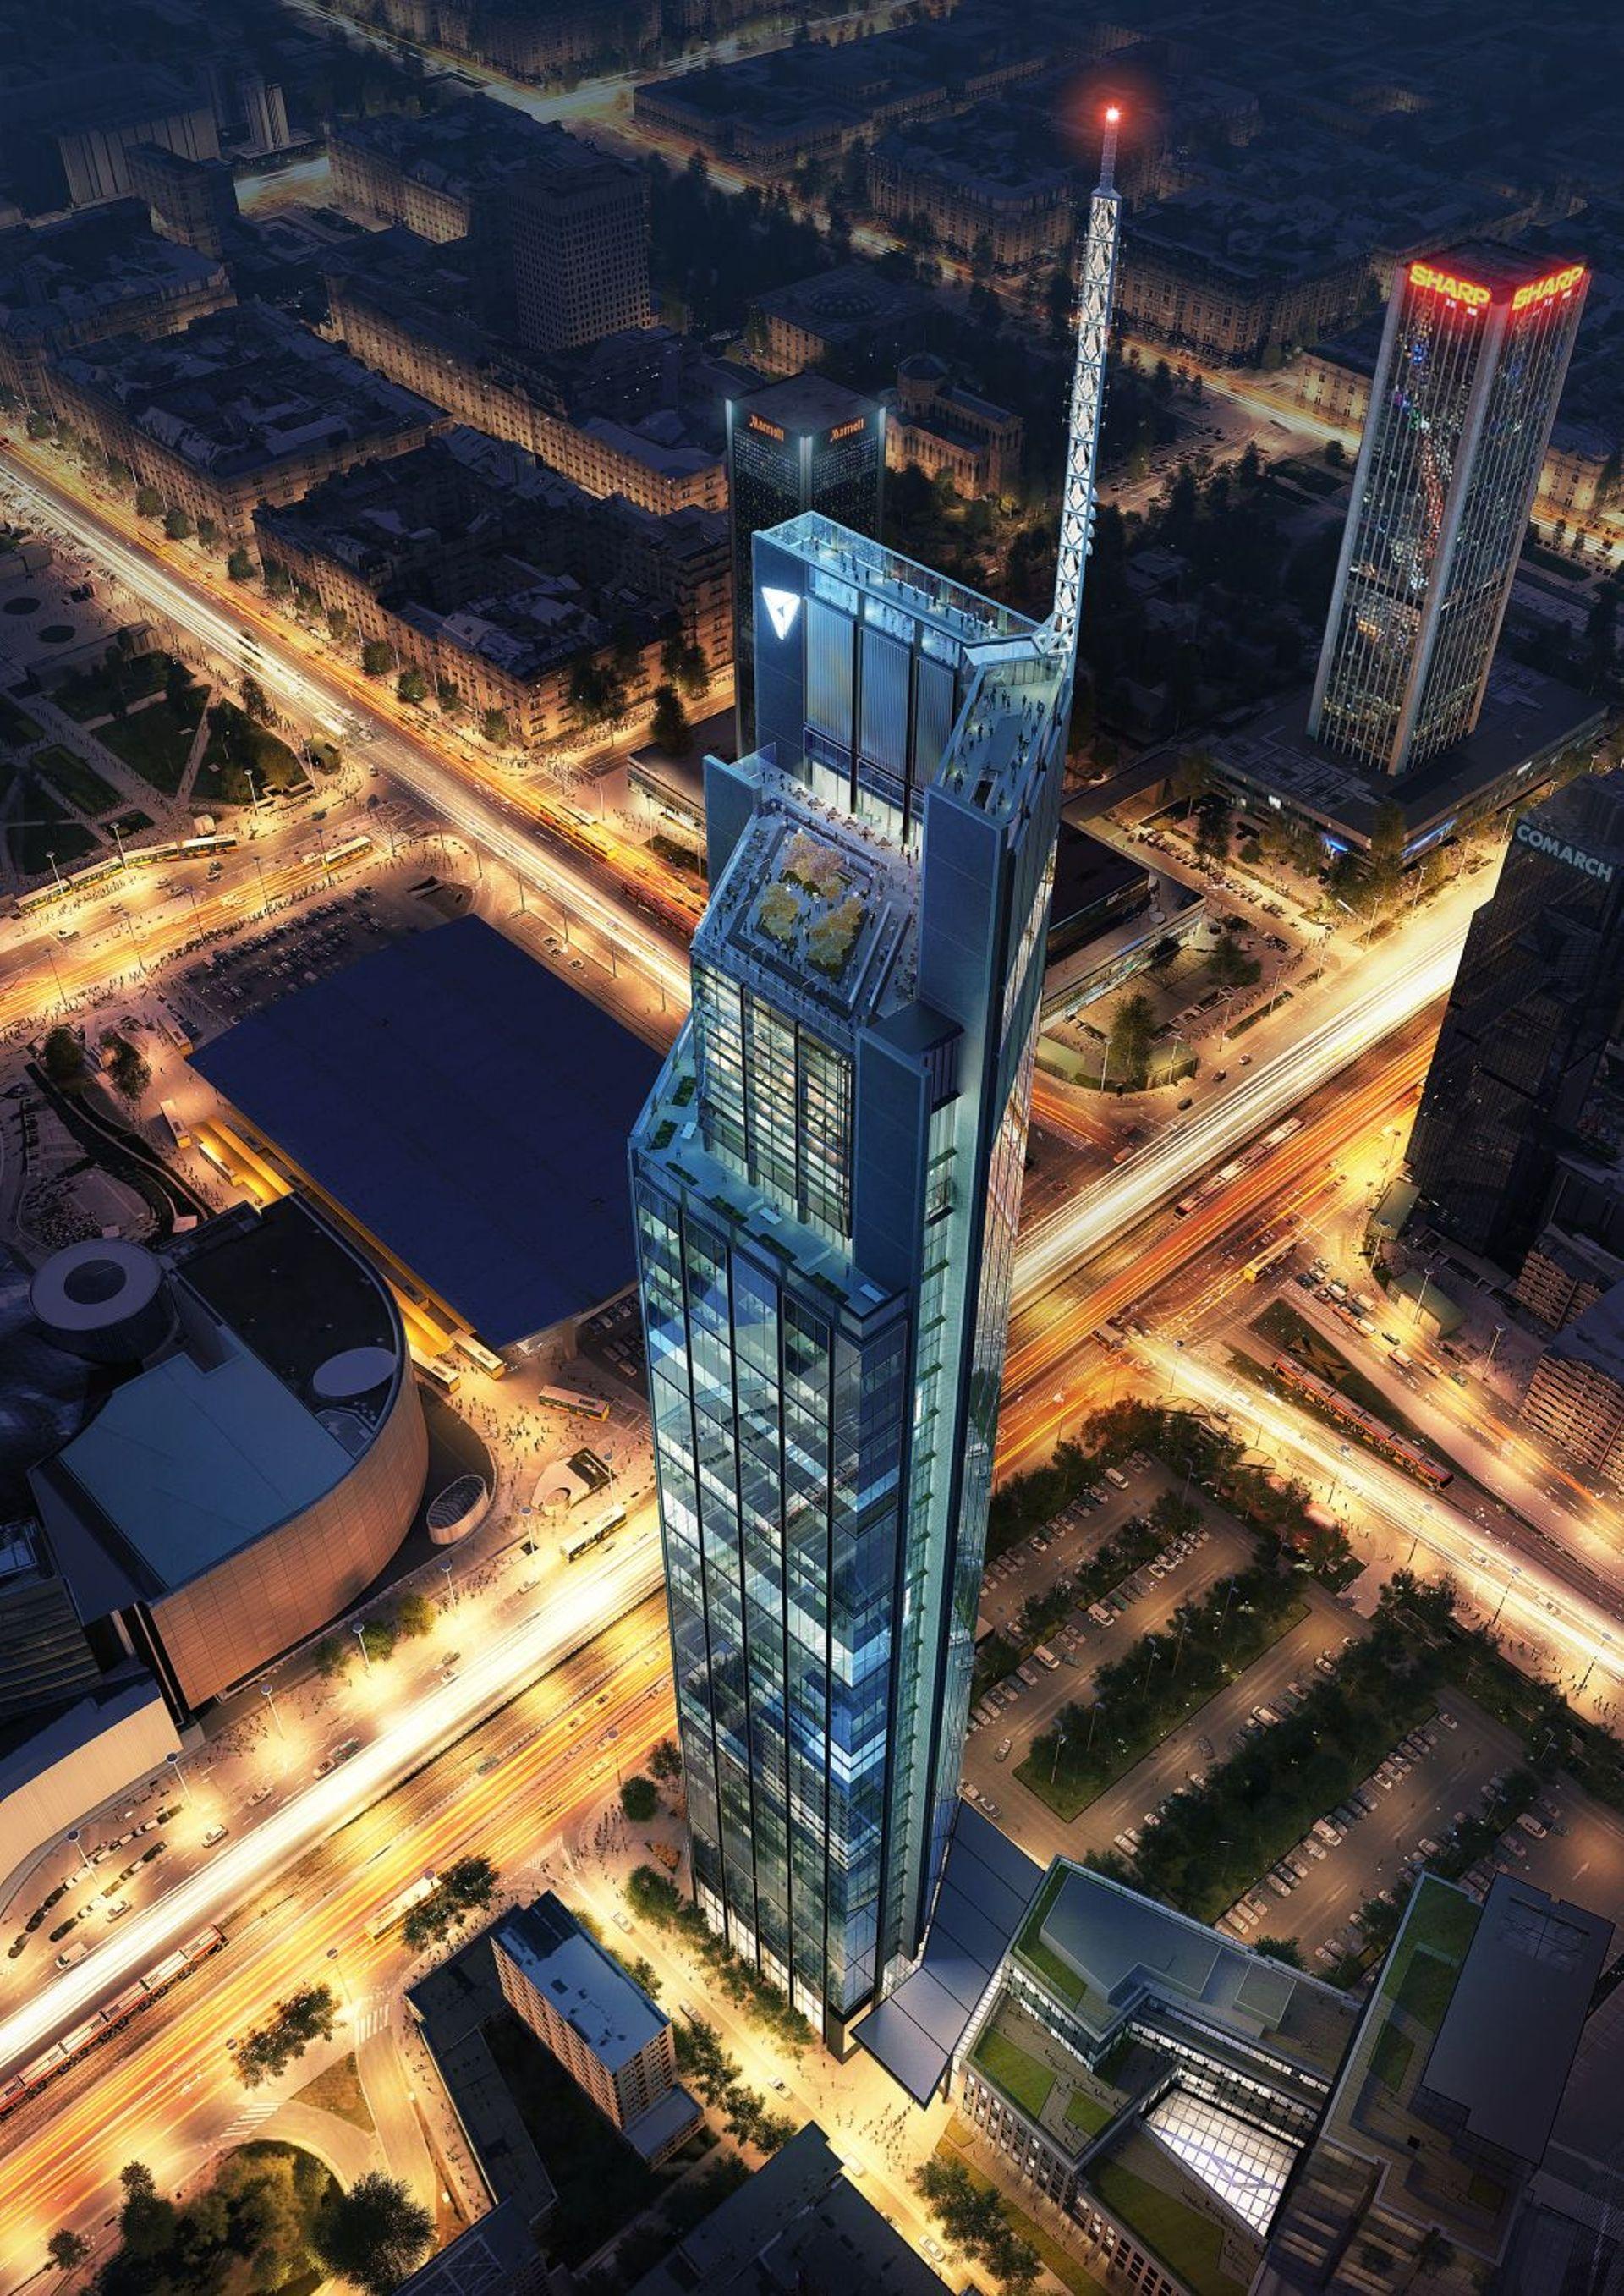 W Warszawie powstaje najwyższy budynek w Unii Europejskiej [FILM]